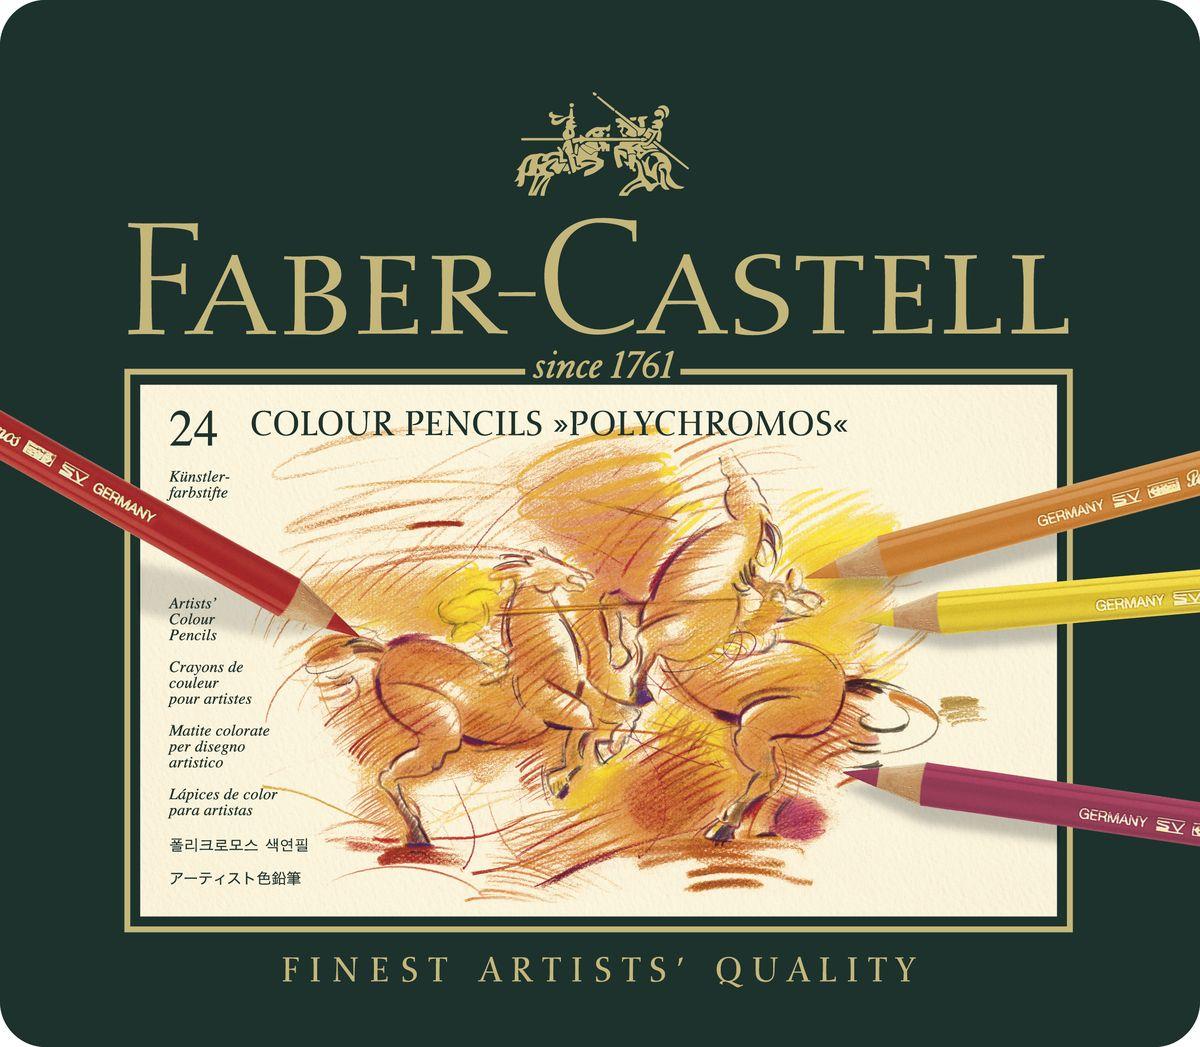 Faber-Castell Цветные карандаши Polychromos 24 цветаFS-36054Цветные карандаши Faber-Castell Polychromos станут незаменимым инструментом для начинающих и профессиональных художников. В набор входят 24 карандаша разных цветов.Особенности карандашей: высокое содержание очень качественныхпигментов гарантирует устойчивость квоздействию света и интенсивность; грифель толщиной 3,8 мм;гладкий грифель на основе воска водоустойчив,не размазывается.Набор цветных карандашей - это практичный художественный инструмент, который поможет вам в создании самых выразительных произведений. Карандаши упакованы в металлический пенал, благодаря чему их удобно хранить.